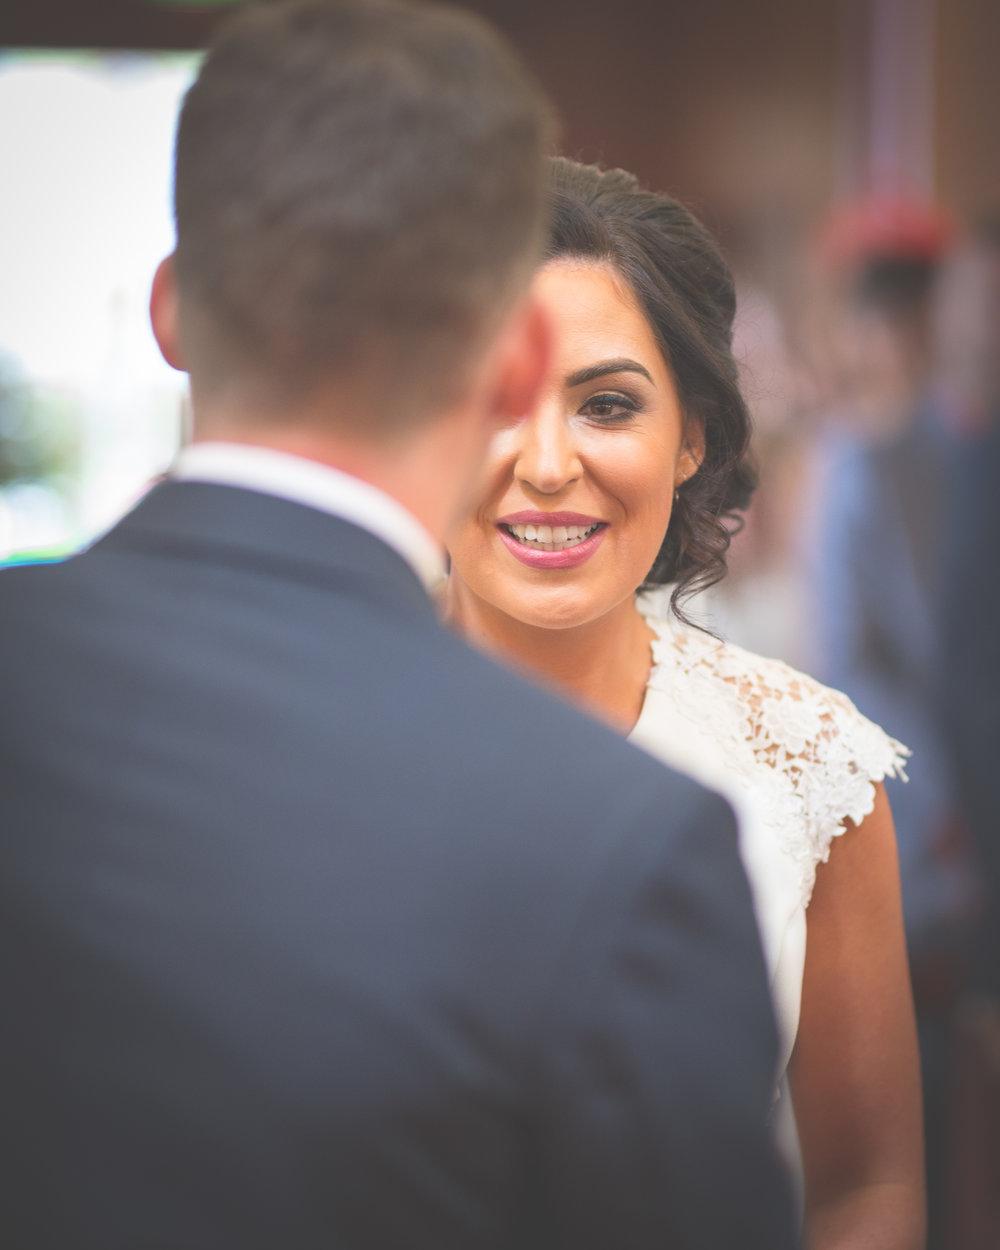 Brian McEwan Wedding Photography | Carol-Anne & Sean | The Ceremony-27.jpg